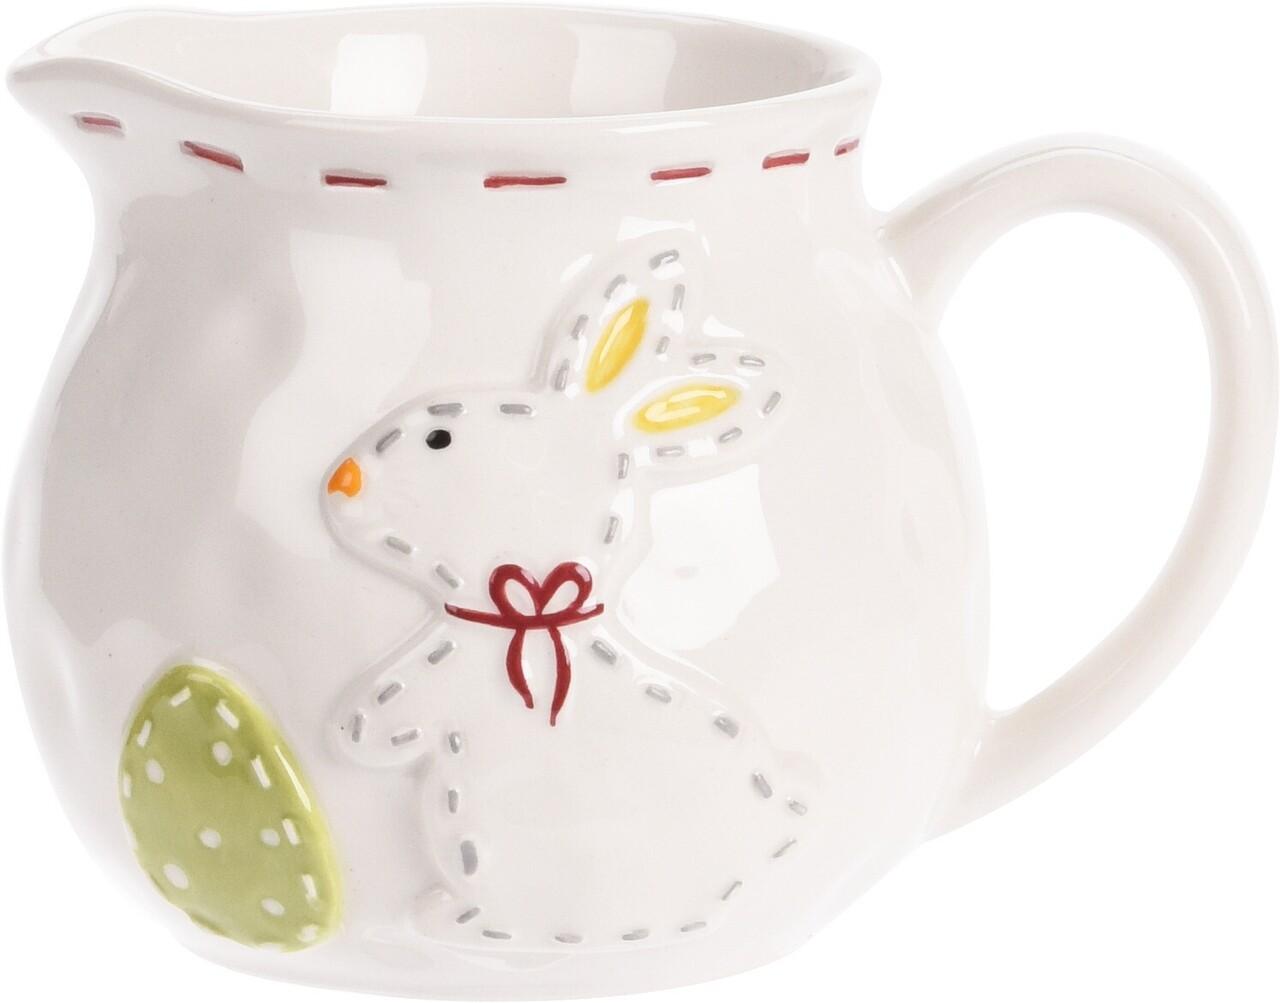 Cana pentru lapte Rabbit Dotted Line, 12.5x9x8.5 cm, dolomita, multicolor